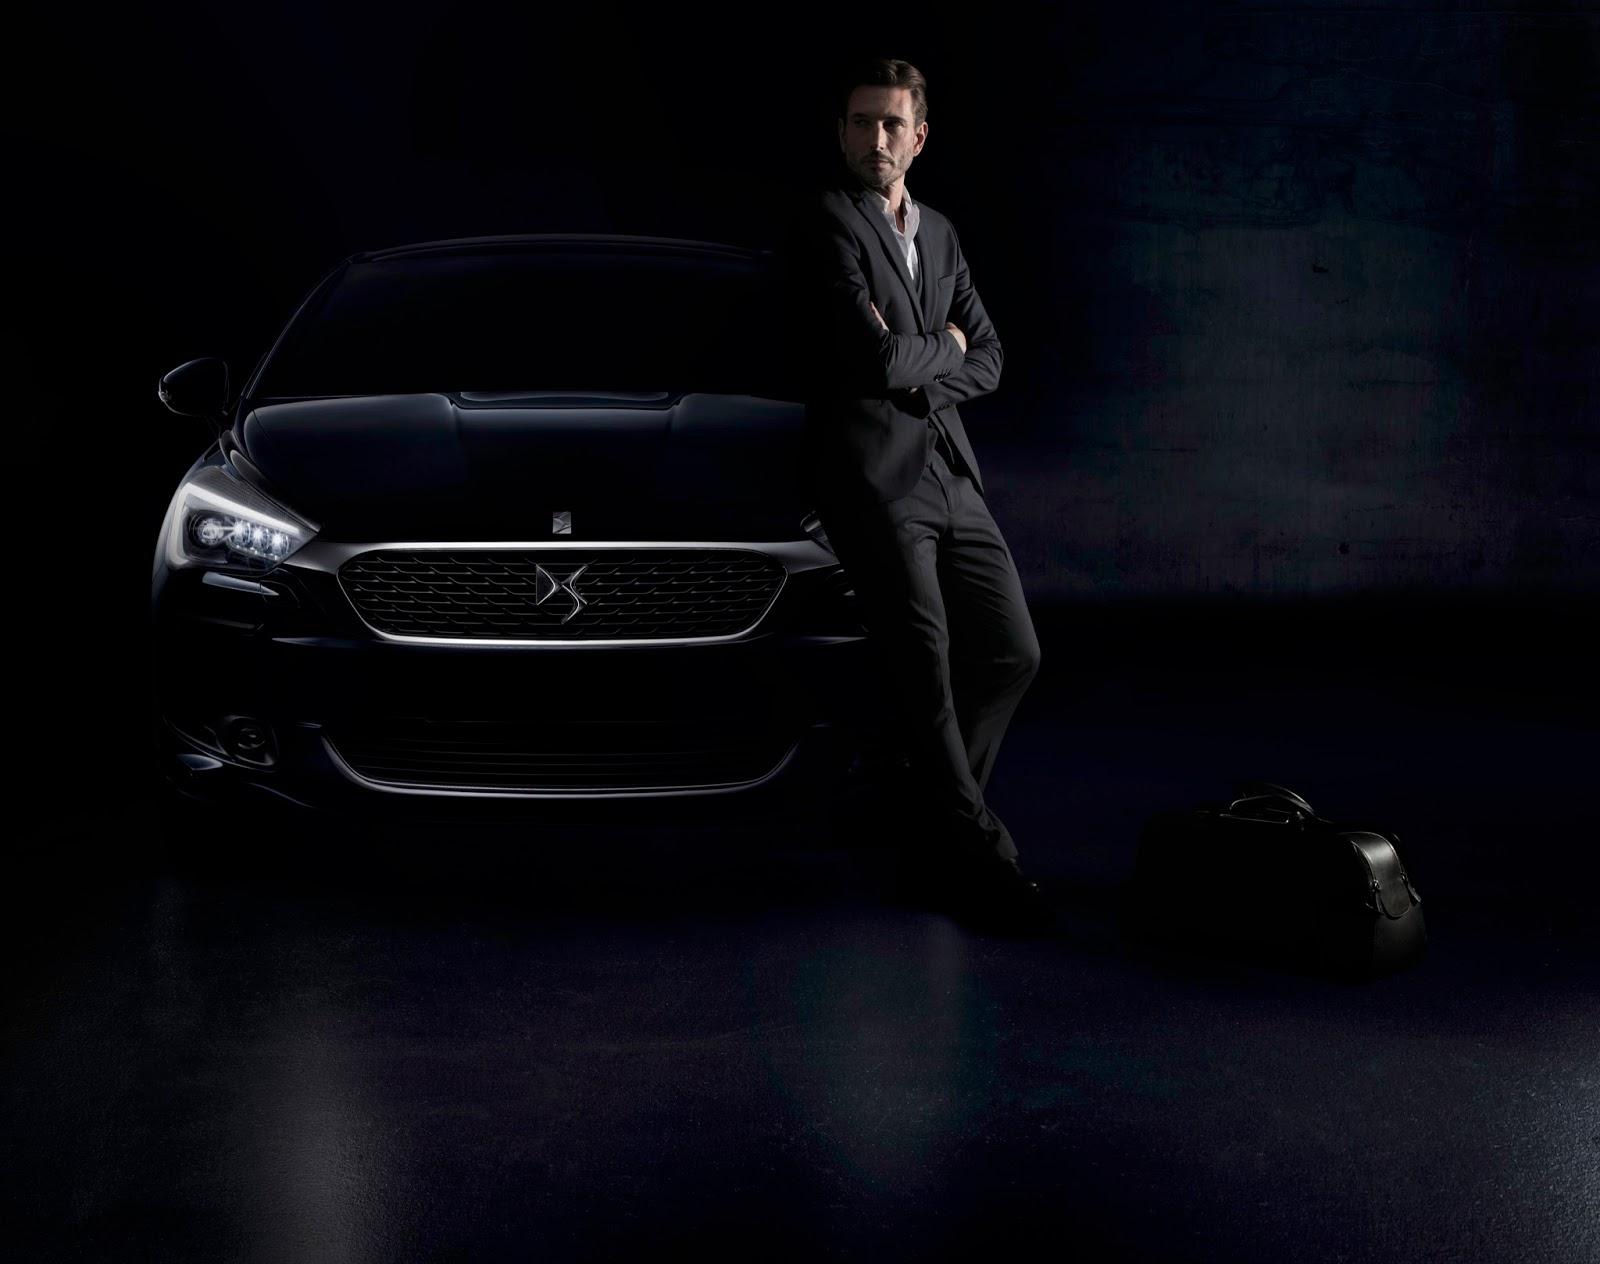 14BB28%2BJPG Στο Σαλόνι Αυτοκινήτου της Γενεύης η παγκόσμια πρεμιέρα για το DS 3 PERFORMANCE & DS 3 Cabrio PERFORMANCE των 208 ίππων ds 3, DS 3 PERFORMANCE, DS 4, DS 4 Crossback, DS 5, DS Automobiles, Virtual Garage, Σαλόνι Αυτοκινήτου, Σαλόνι Αυτοκινήτου της Γενεύης